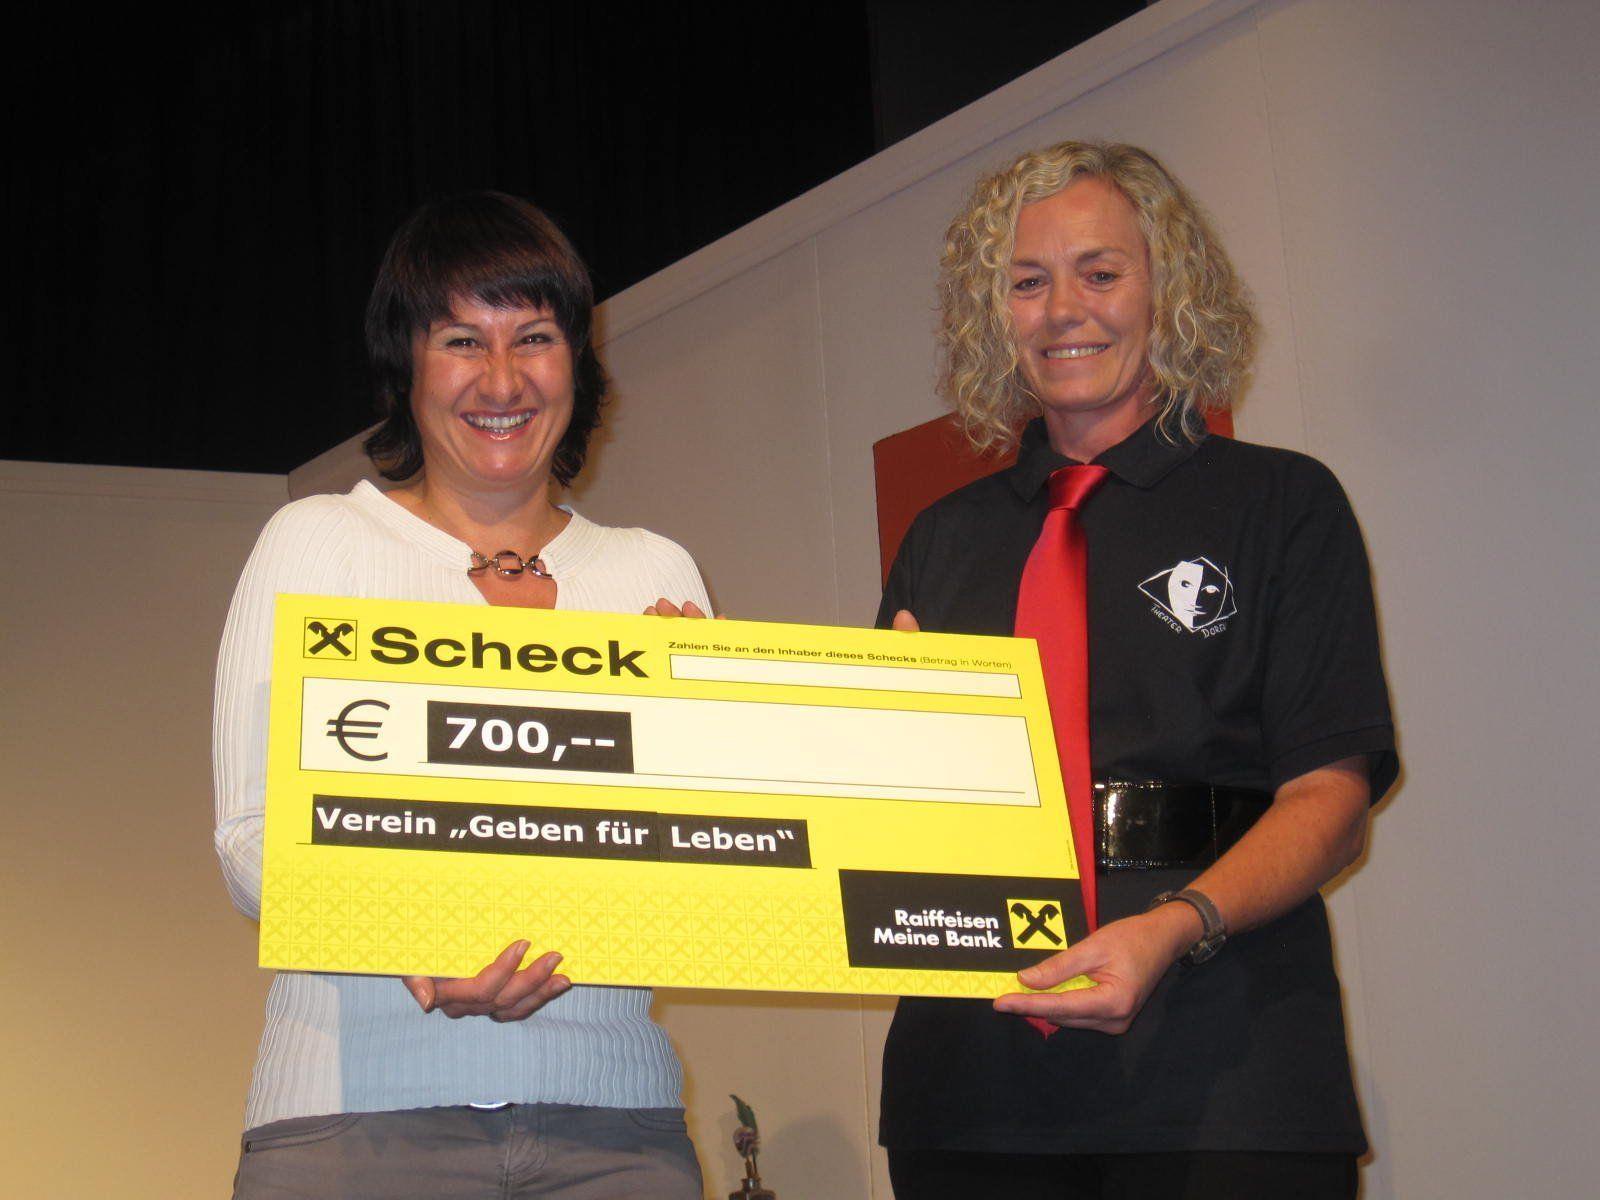 Theategruppe Doren überreichte dem Verein Geben für Leben-Obfrau Susanne Marosch einen Scheck.